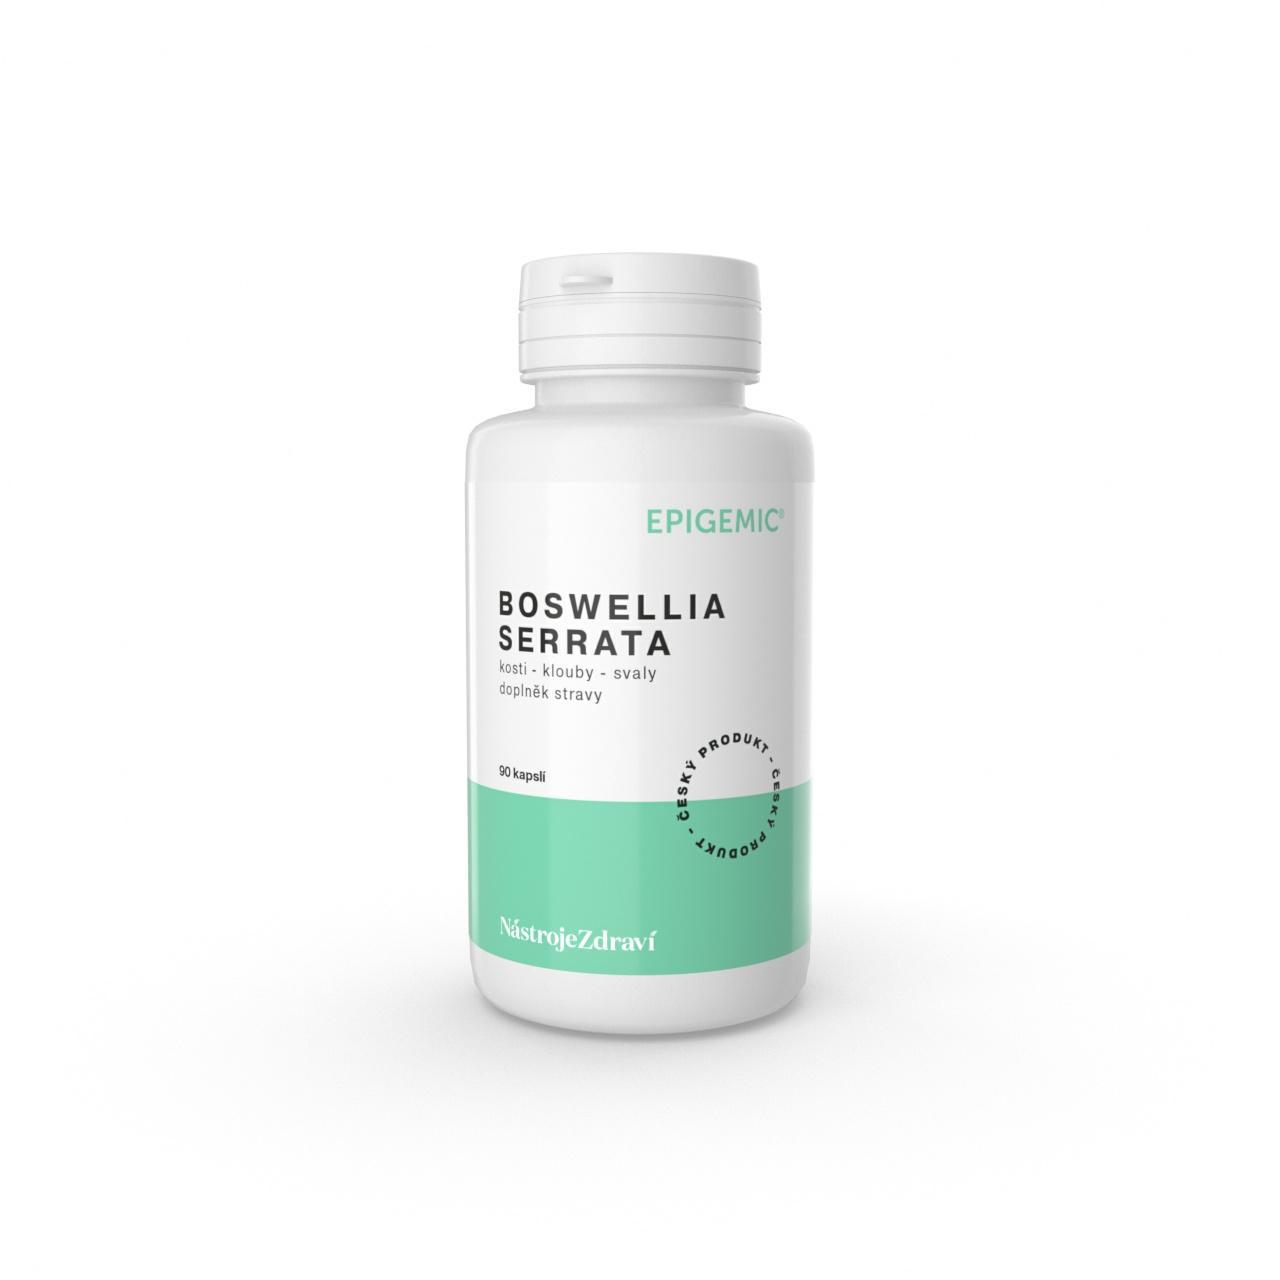 Epigemic Boswellia Serrata, kapsle 90 ks, 38 g